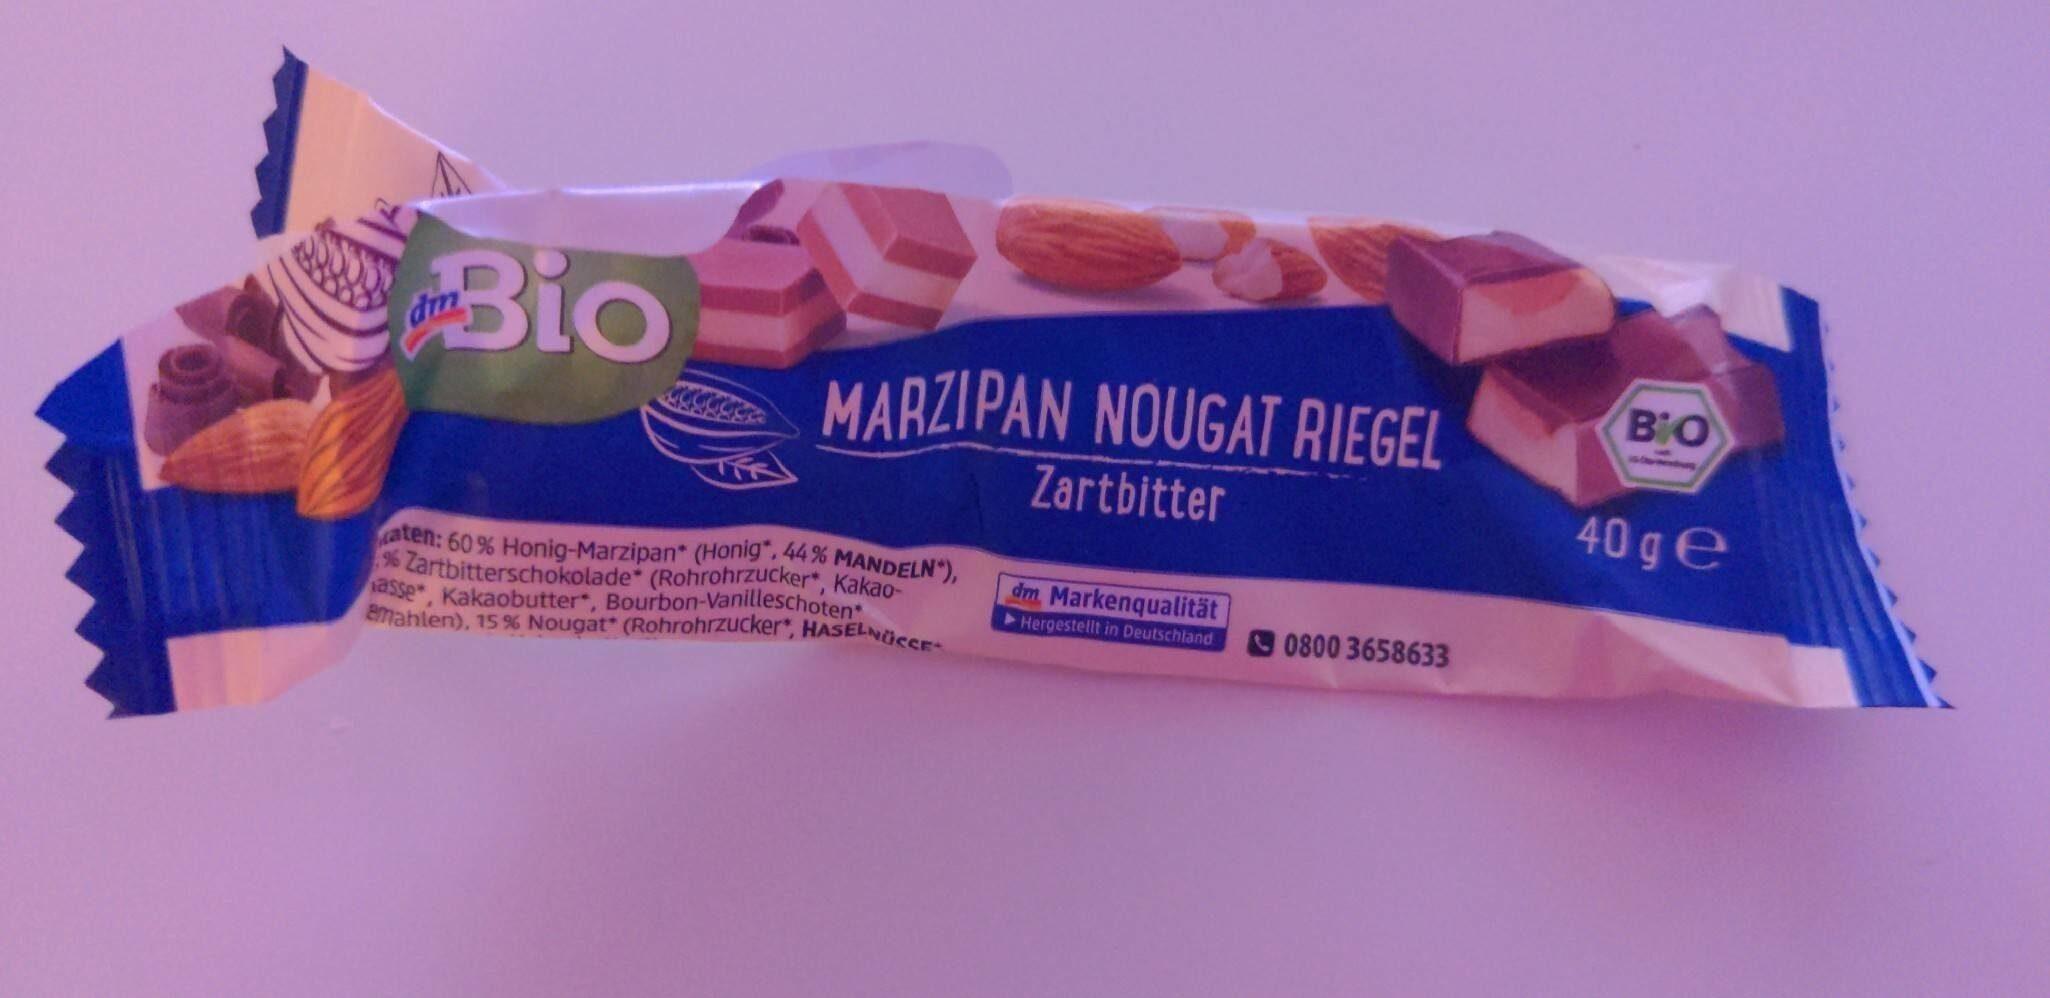 Marzipan Nougat Riegel Zartbitter - Prodotto - en